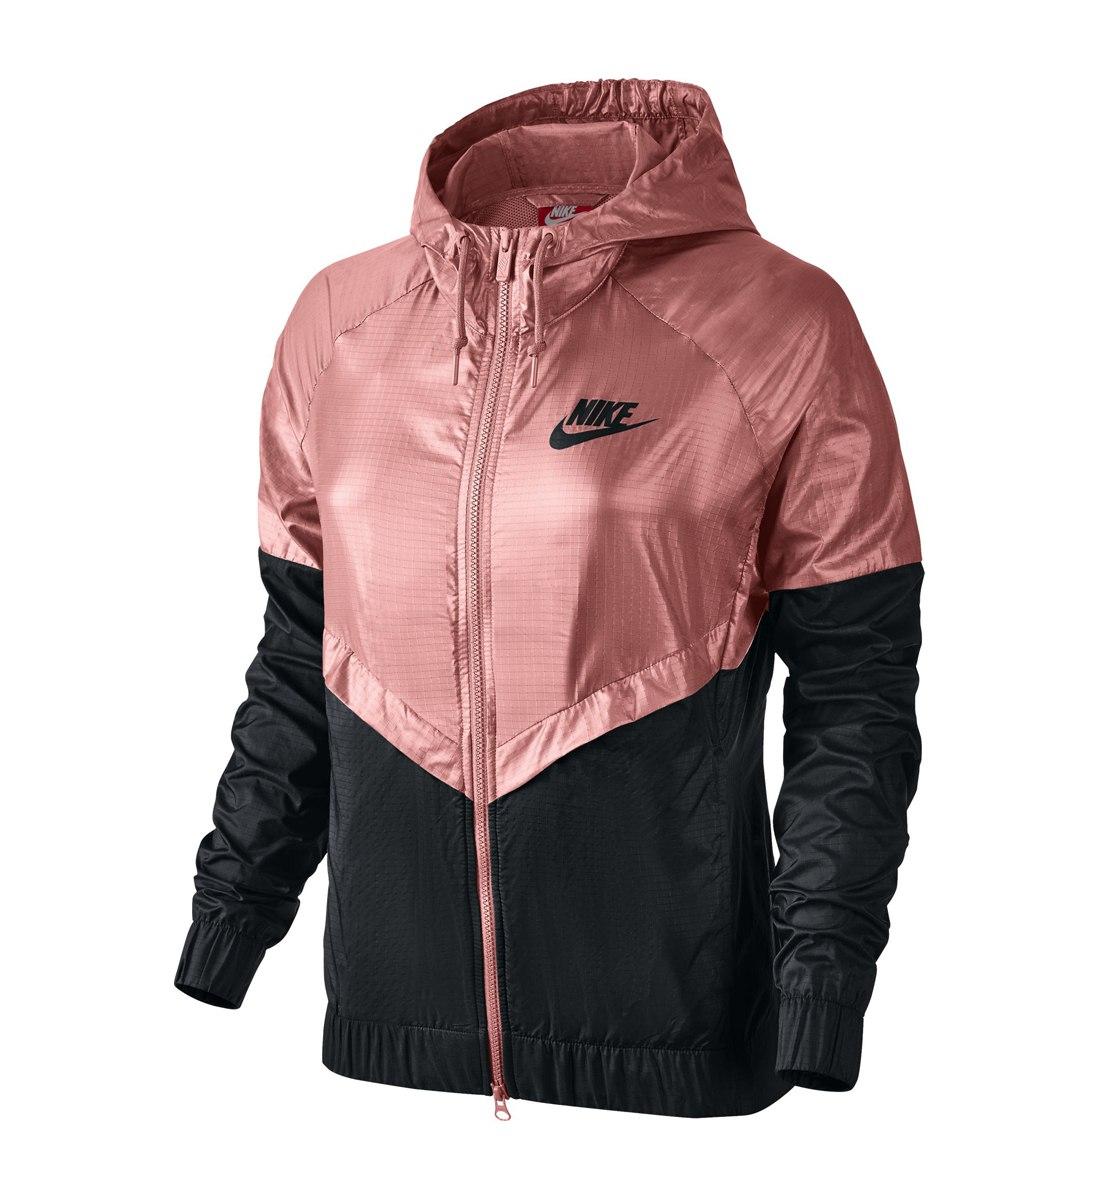 048002cd2a2 Acheter veste nike noir pas cher